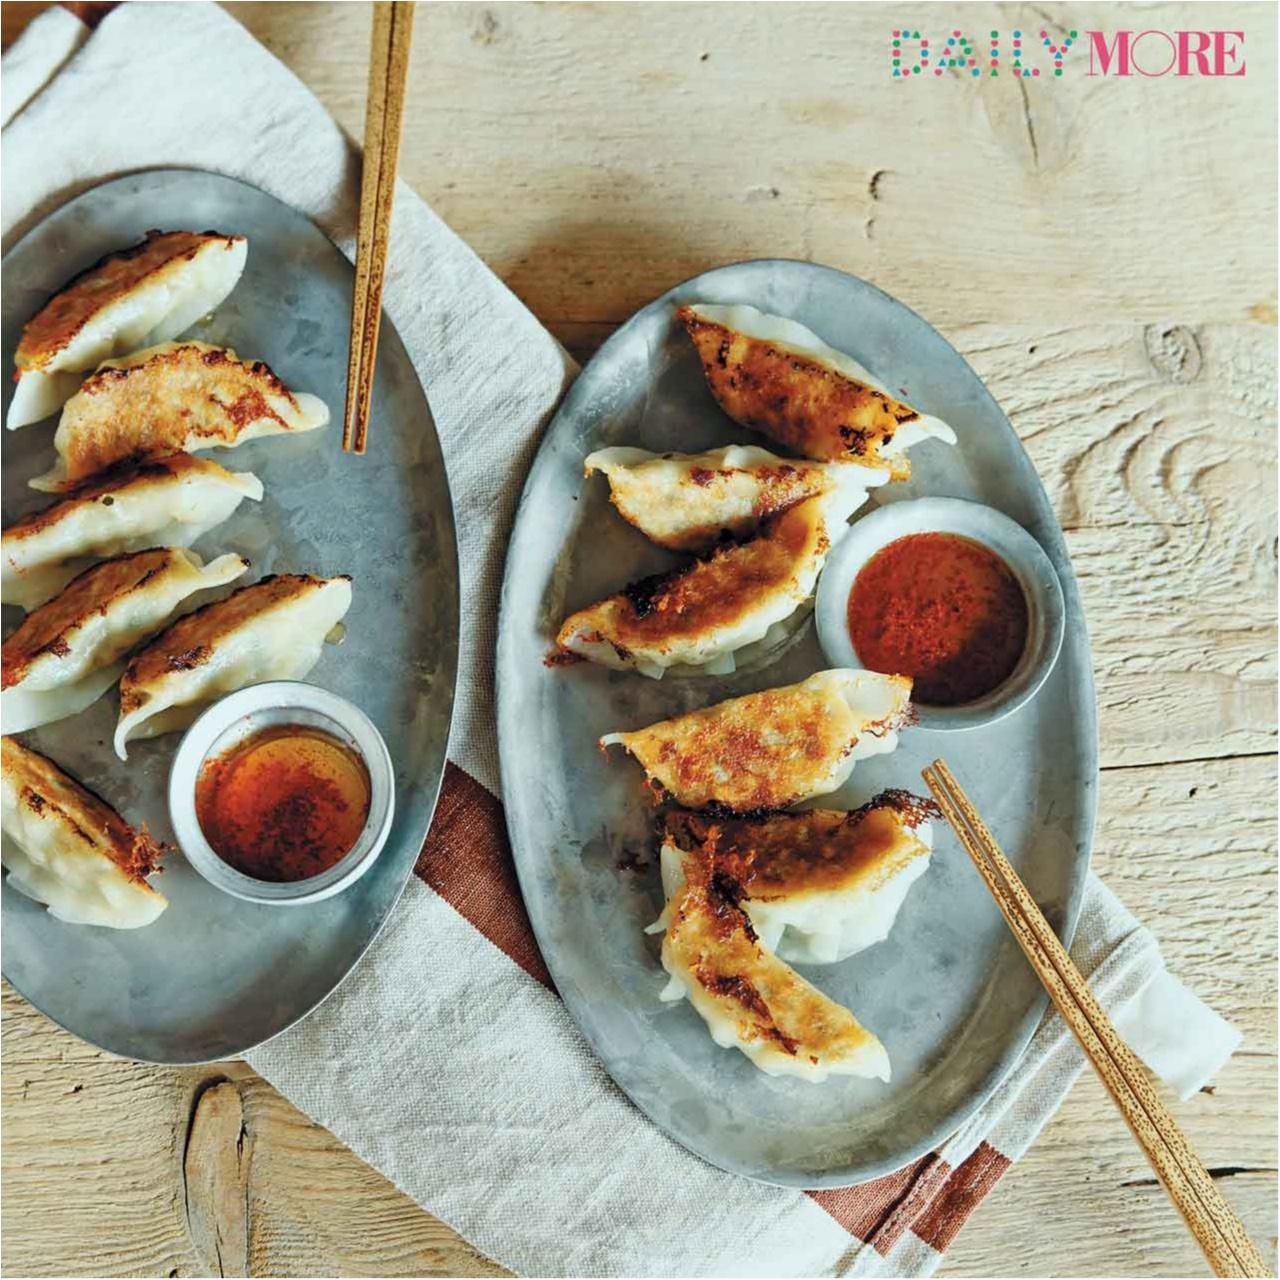 彼も大絶賛! 田中美保さんの、ごはんがすすむ「米粉皮のギョーザ」レシピを伝授!_2